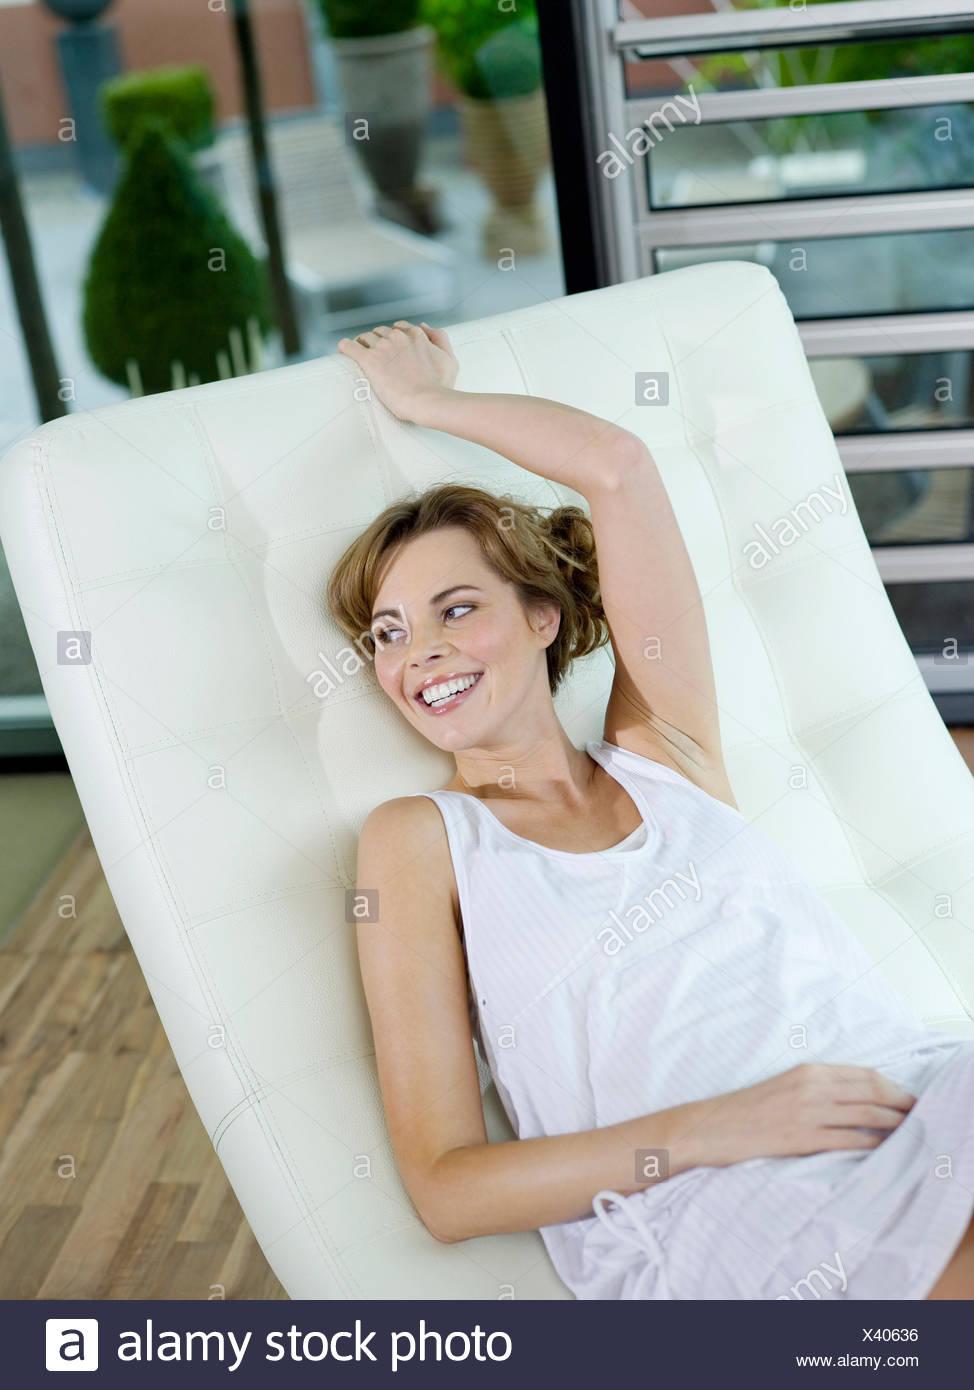 Mujer joven,vida doméstica Imagen De Stock